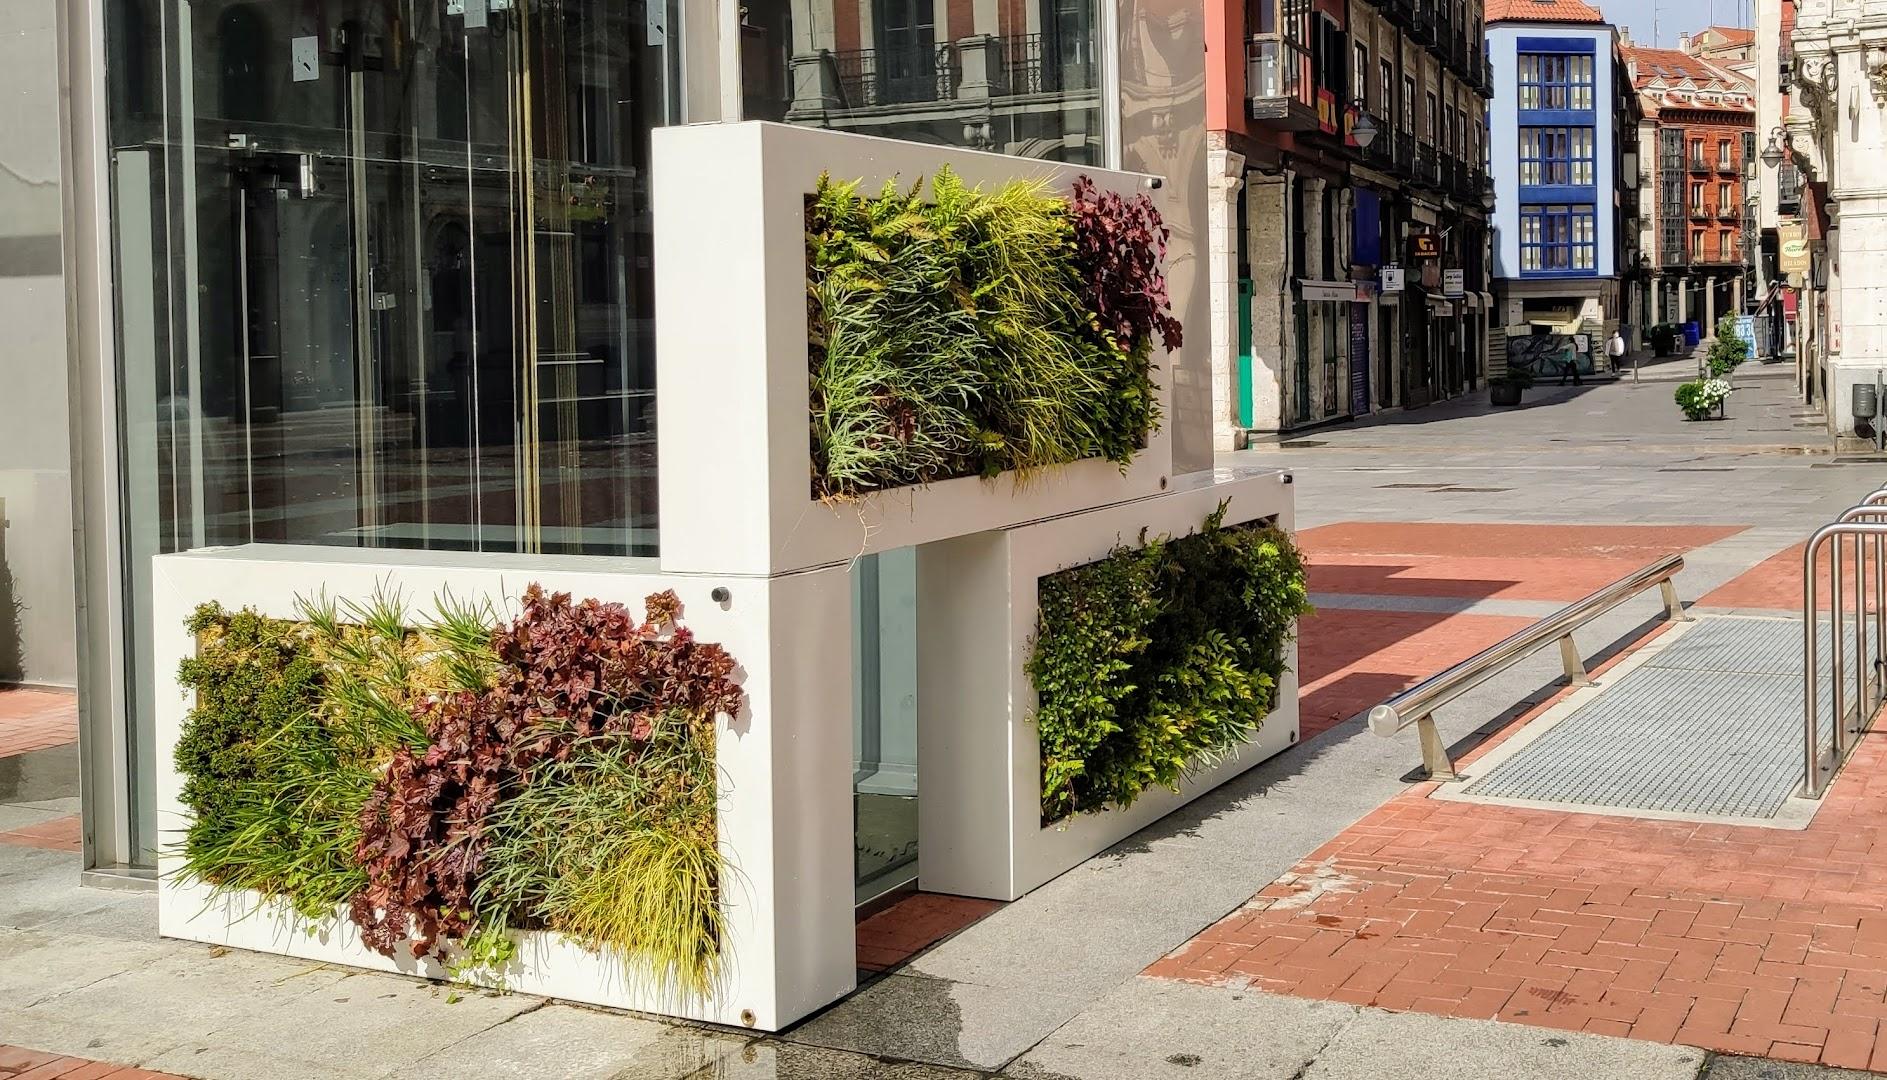 Jardines Leaf.Box instalados en Valladolid que forman parte del proyecto UrbanGreenUp